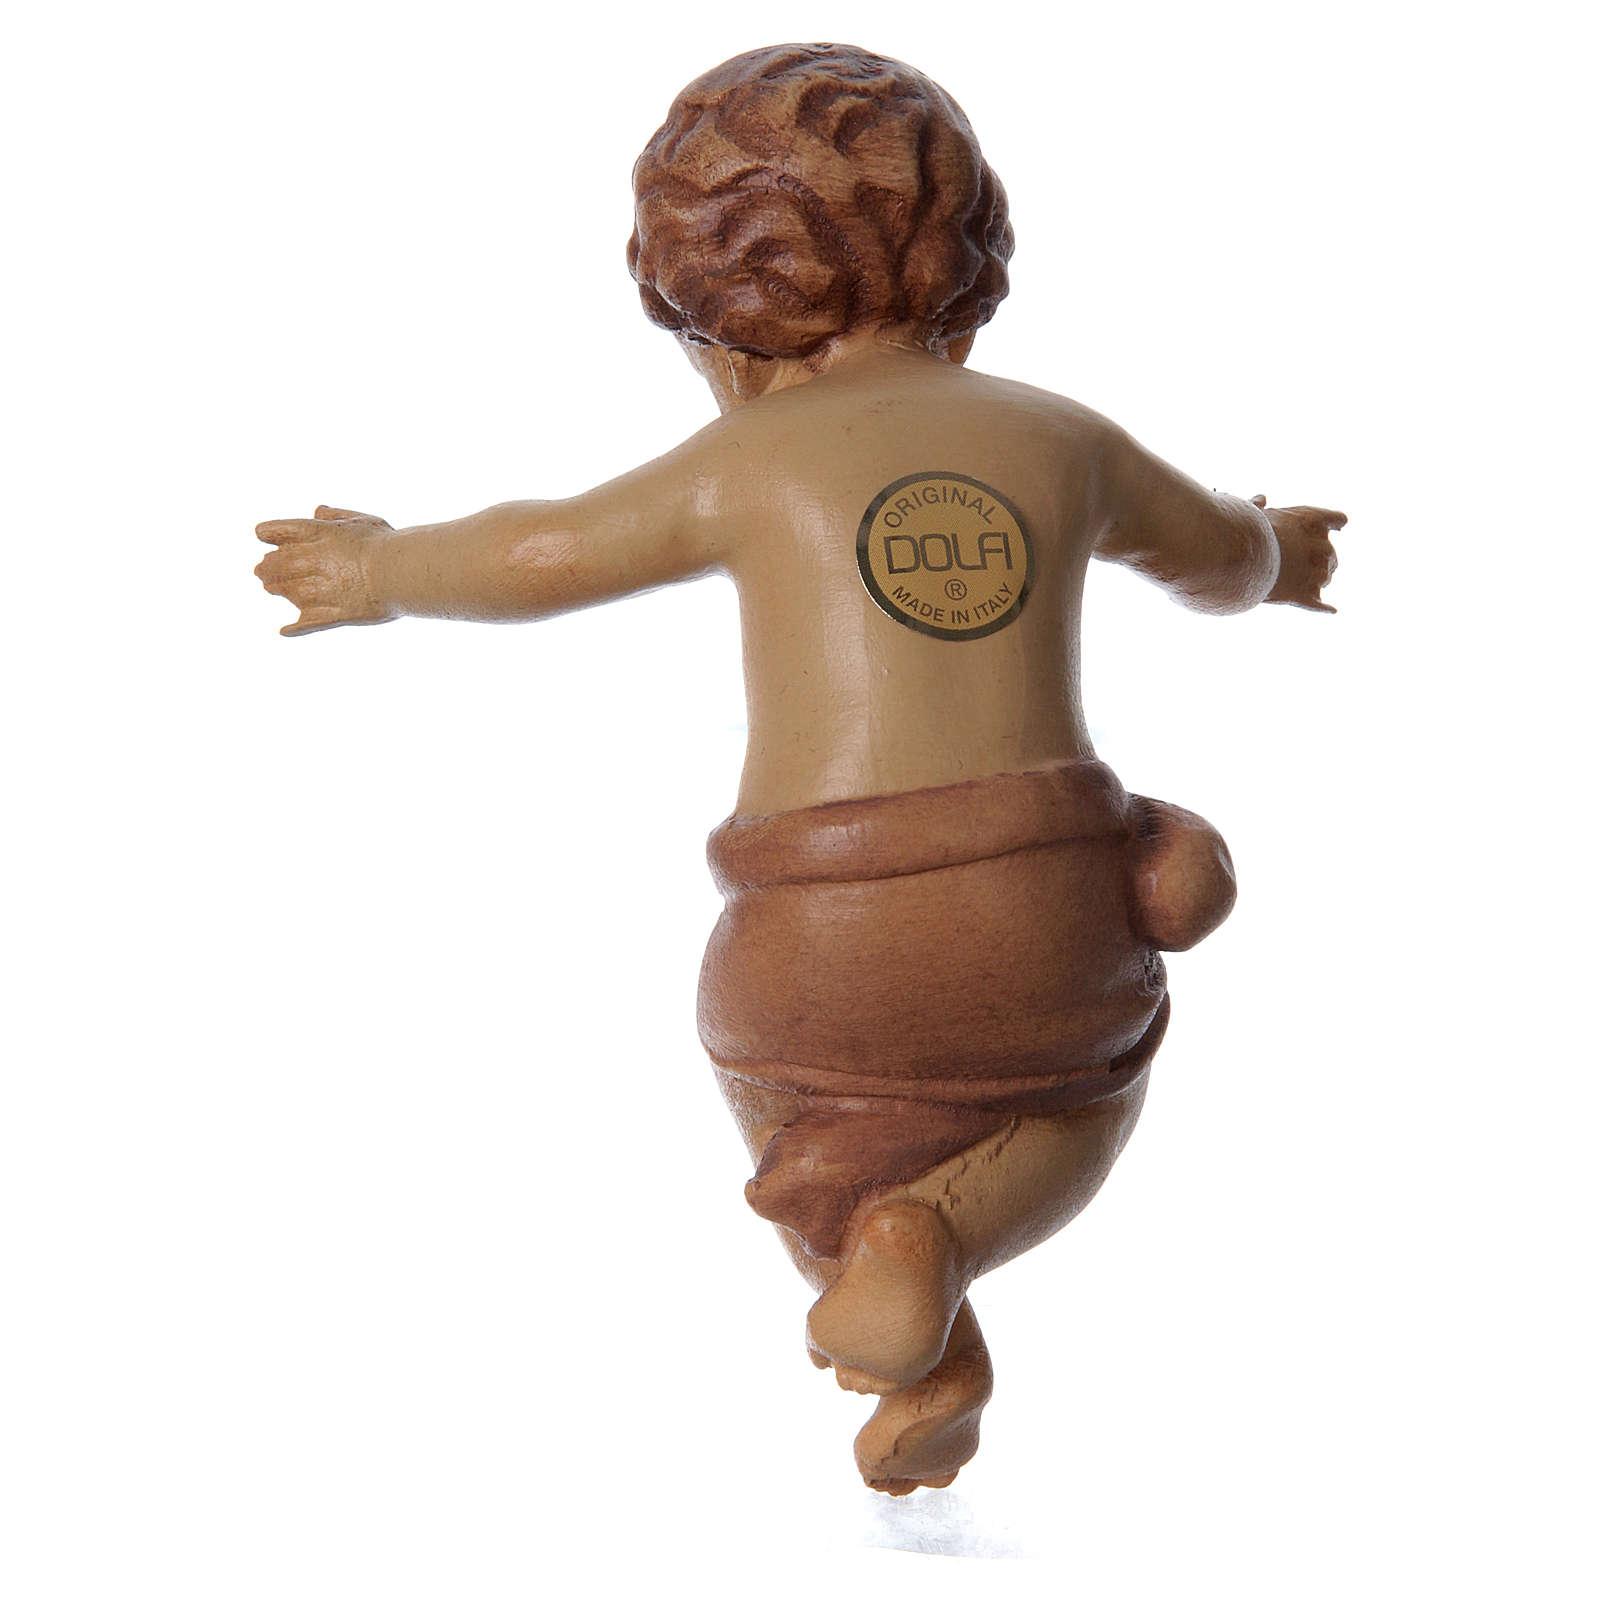 Bambinello Gesù braccia aperte in legno tonalità marrone 3